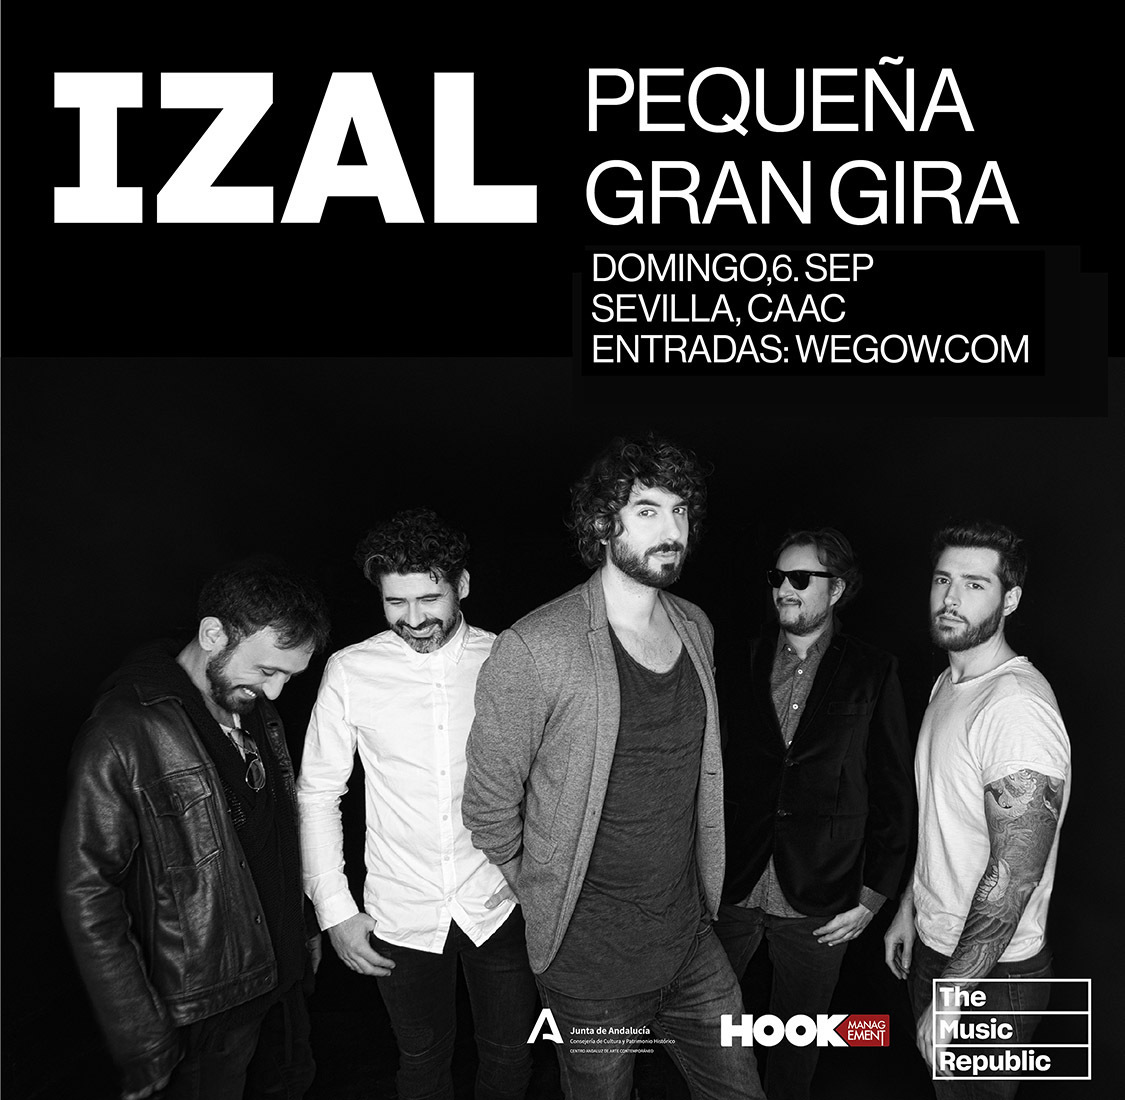 Izal lleva a Granada y Sevilla en septiembre su Pequeña Gran Gira